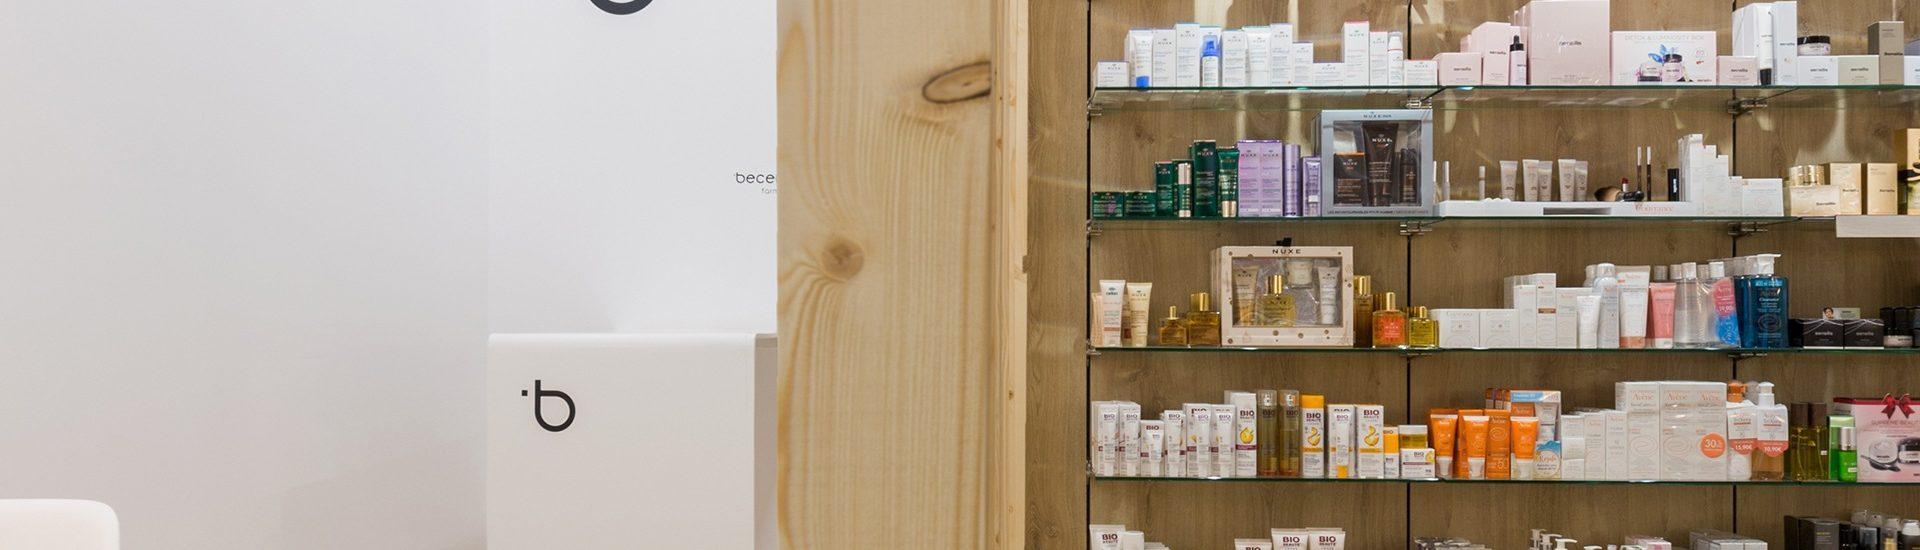 Detalle de la Farmacia Becerro